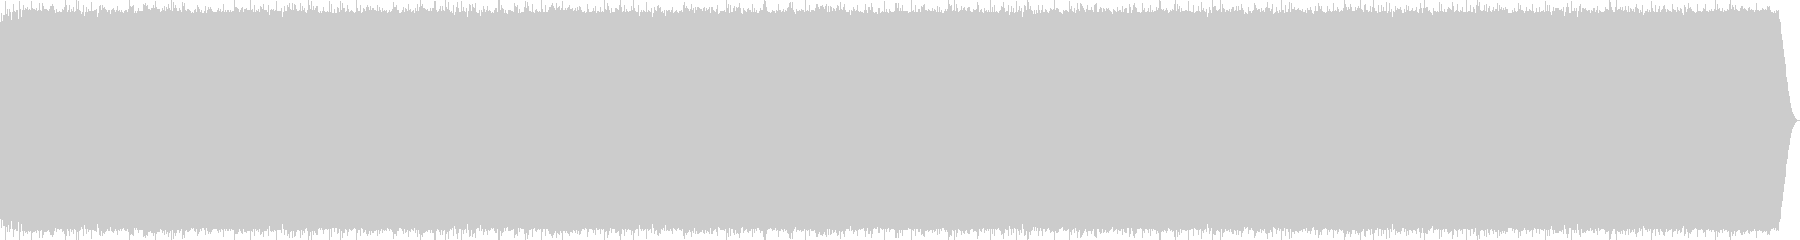 ダンスエクササイズBPM140:15分の未再生の波形